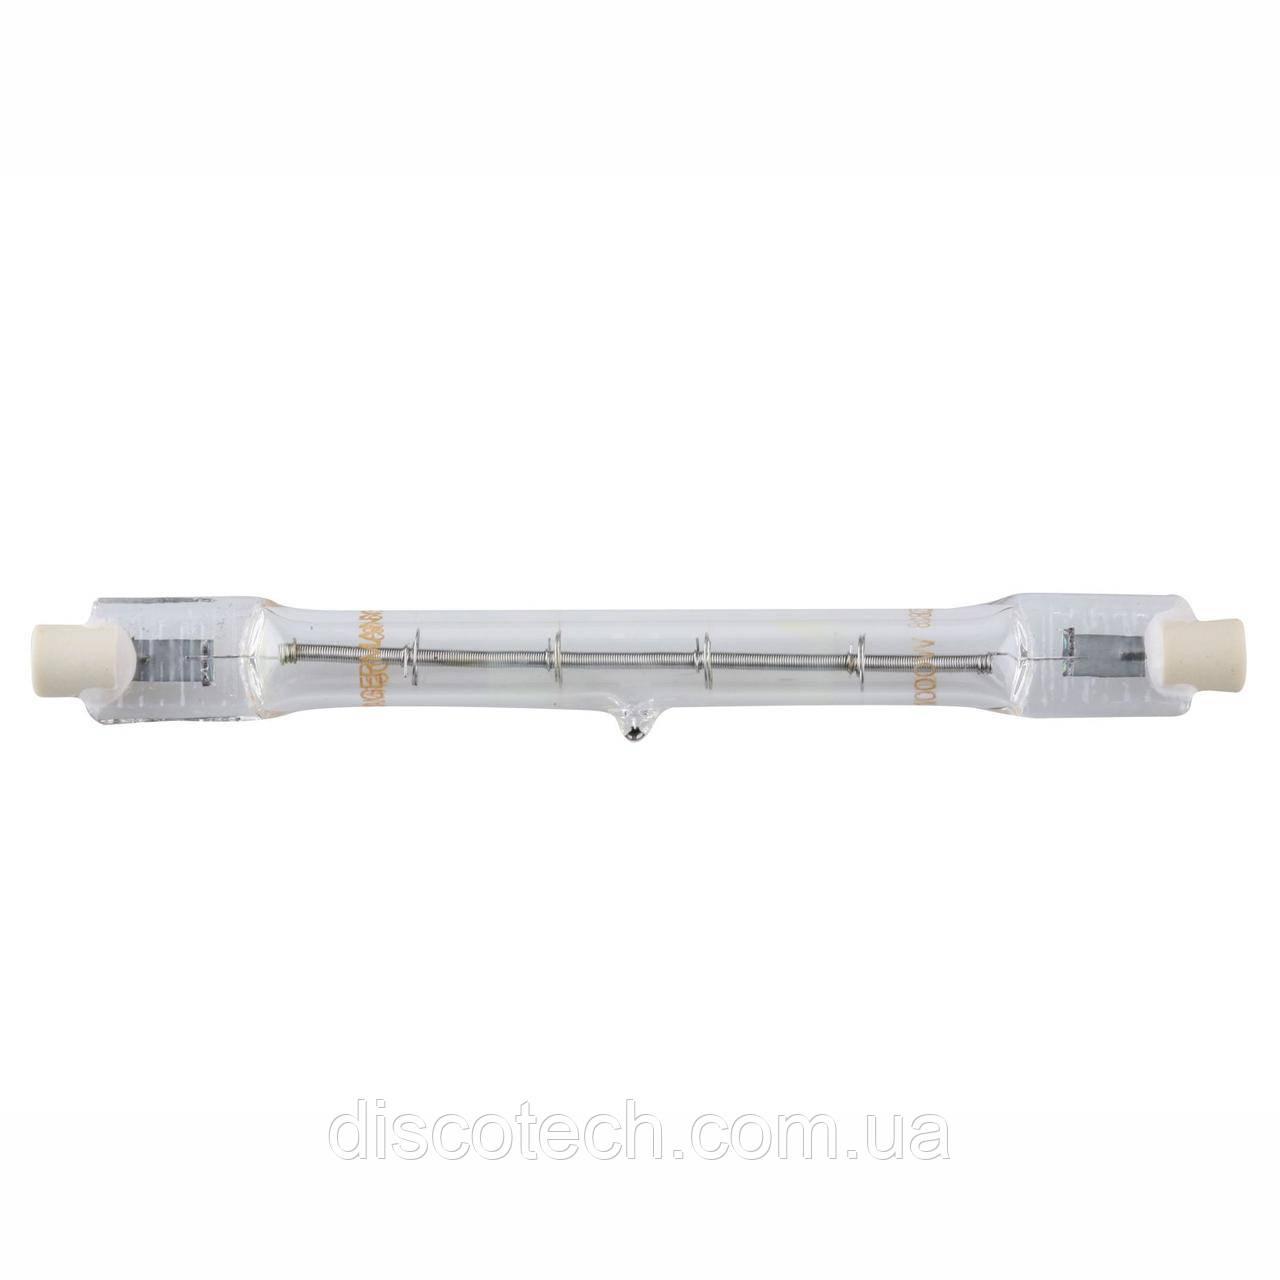 Лампа галогенная, 1000W/230V Osram 64583